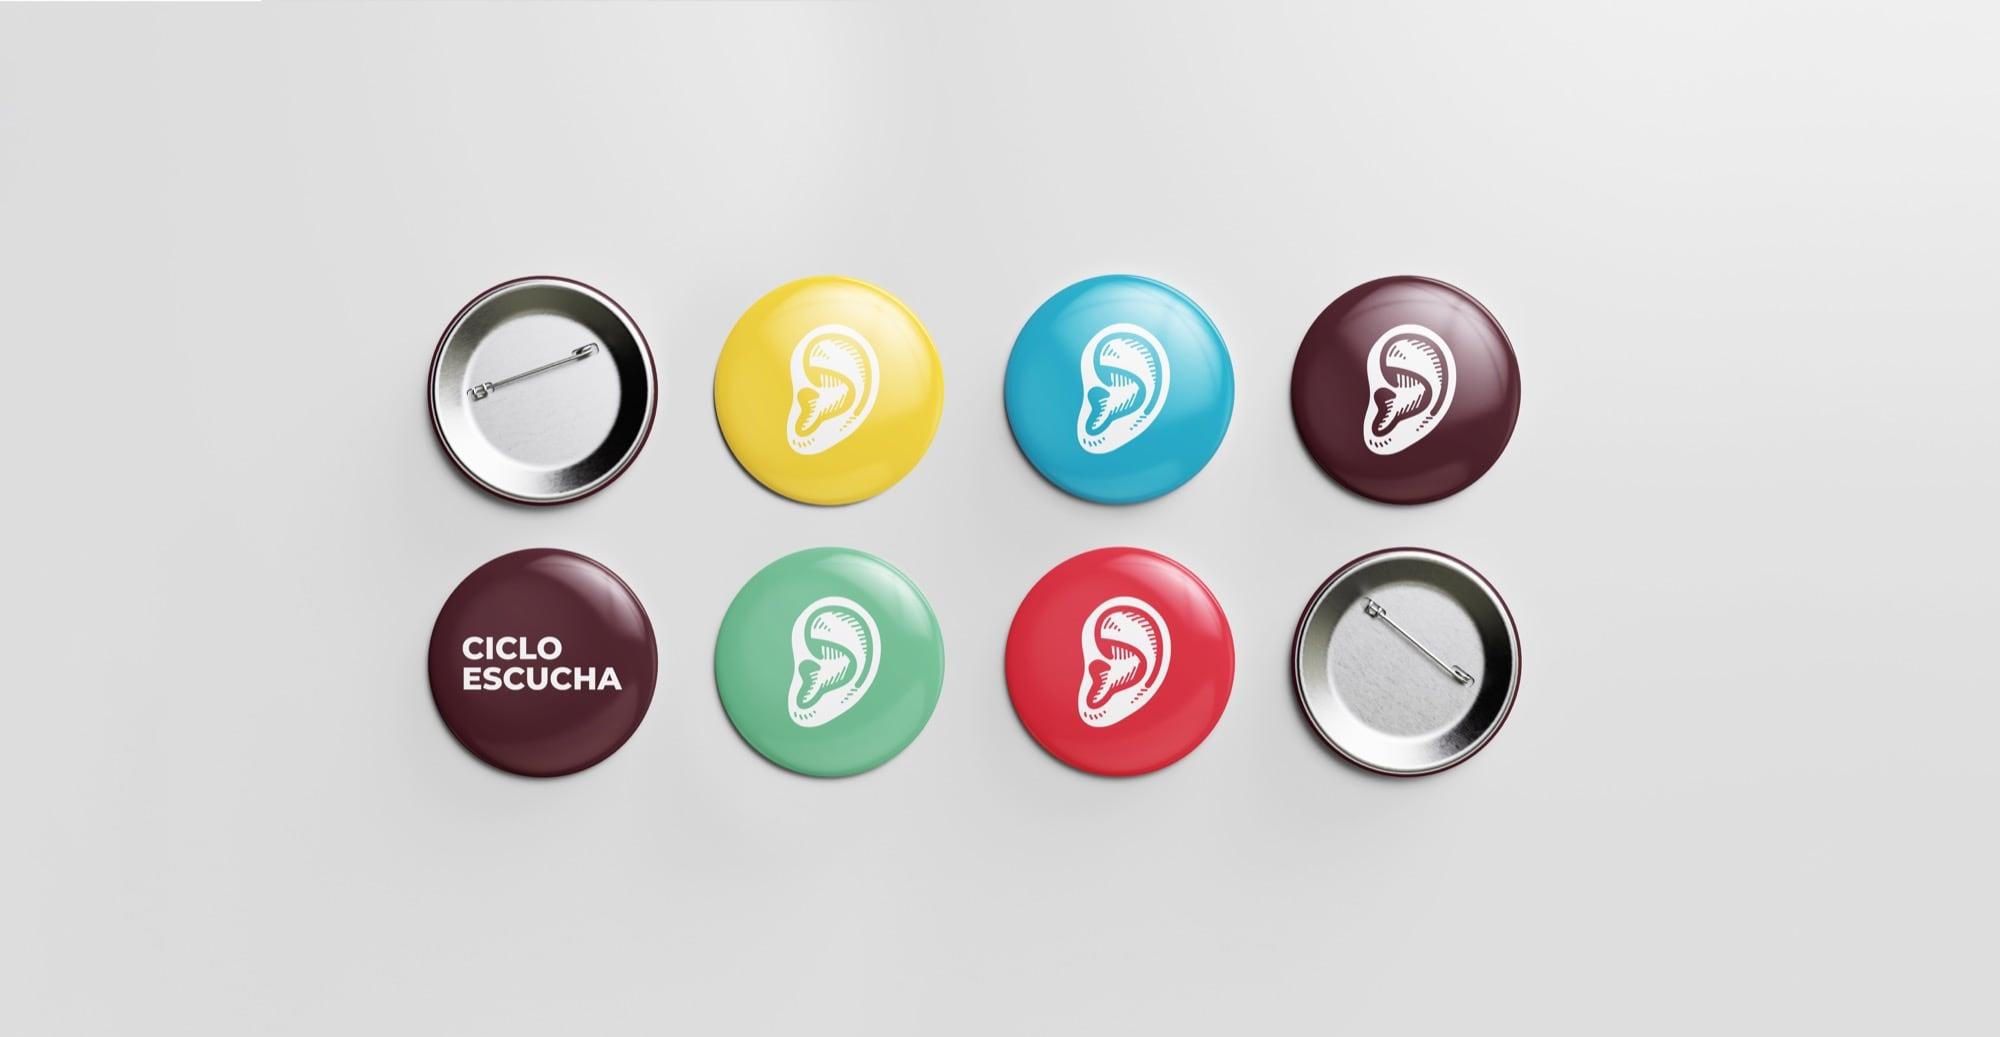 Escucha-Botones-Mockup-F